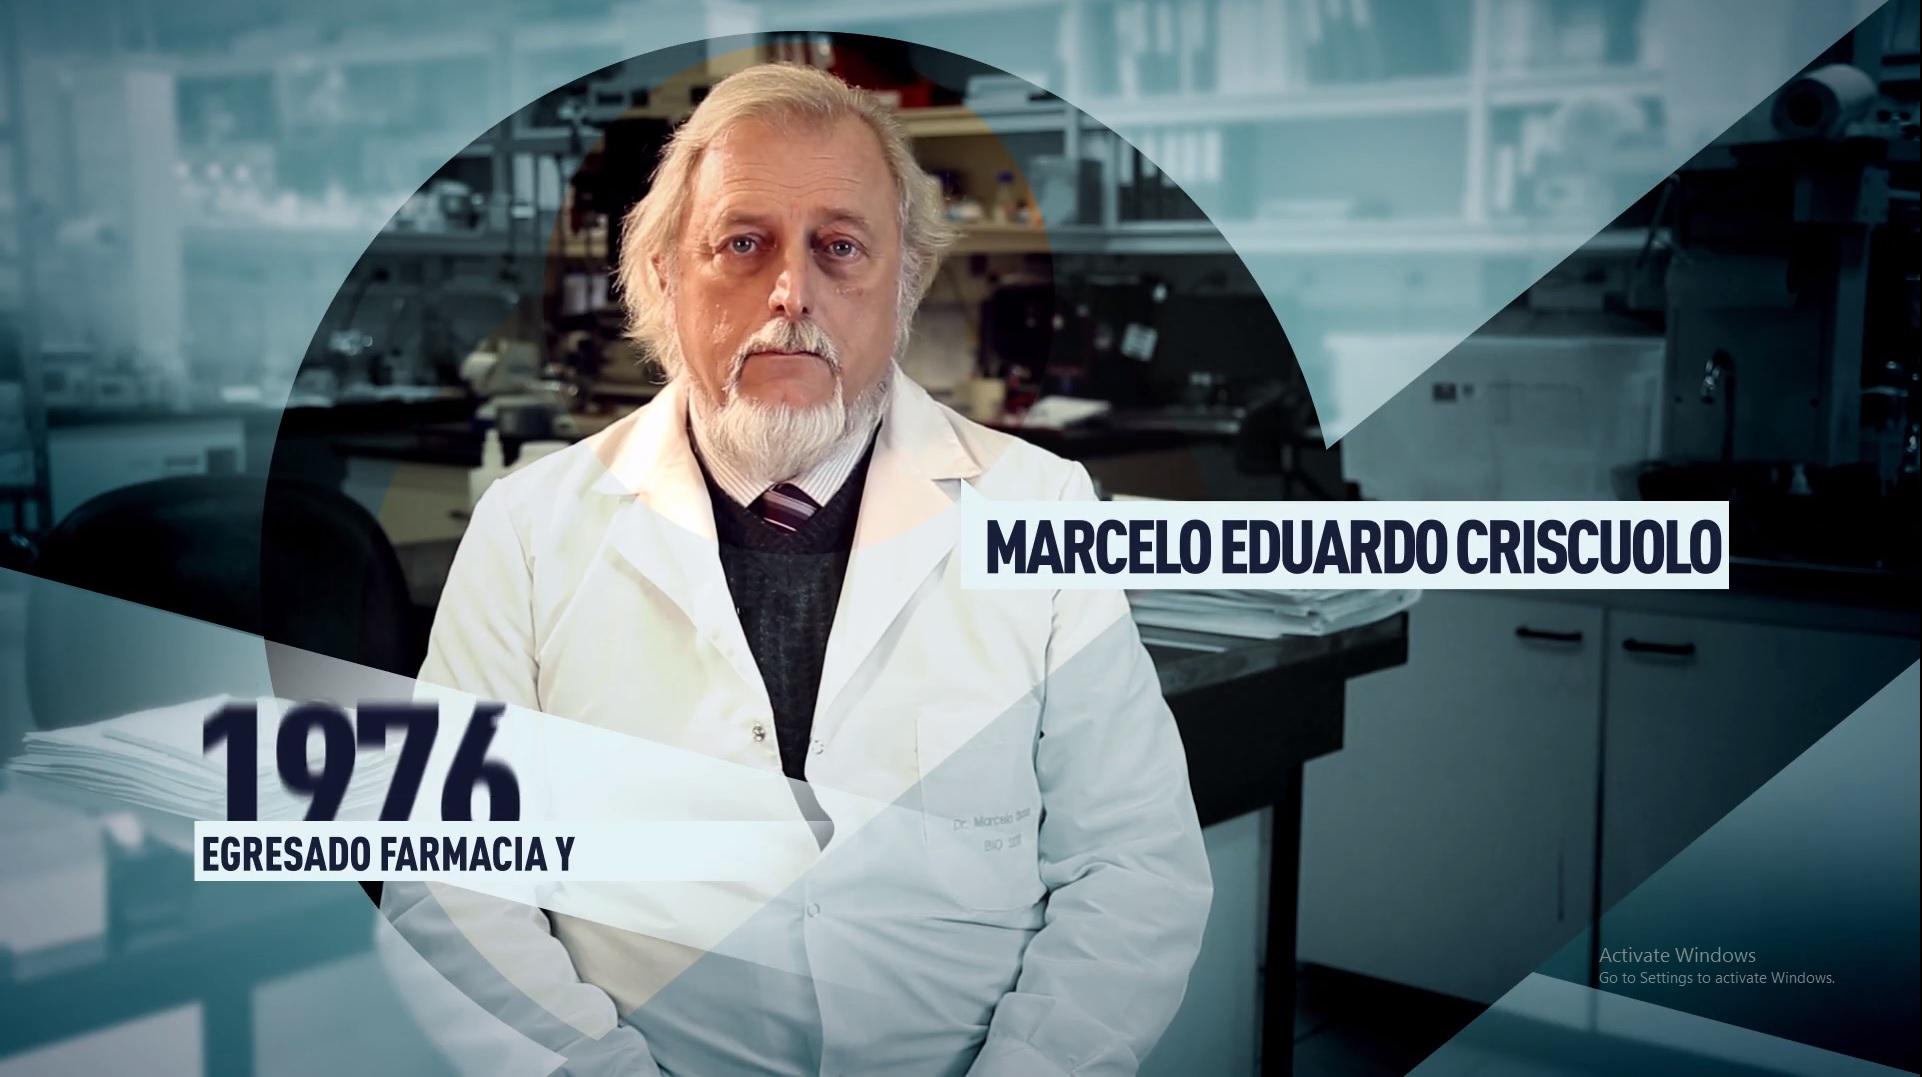 Soy UBA Farmacia y Bioquímica - Marcelo Eduardo Criscuolo